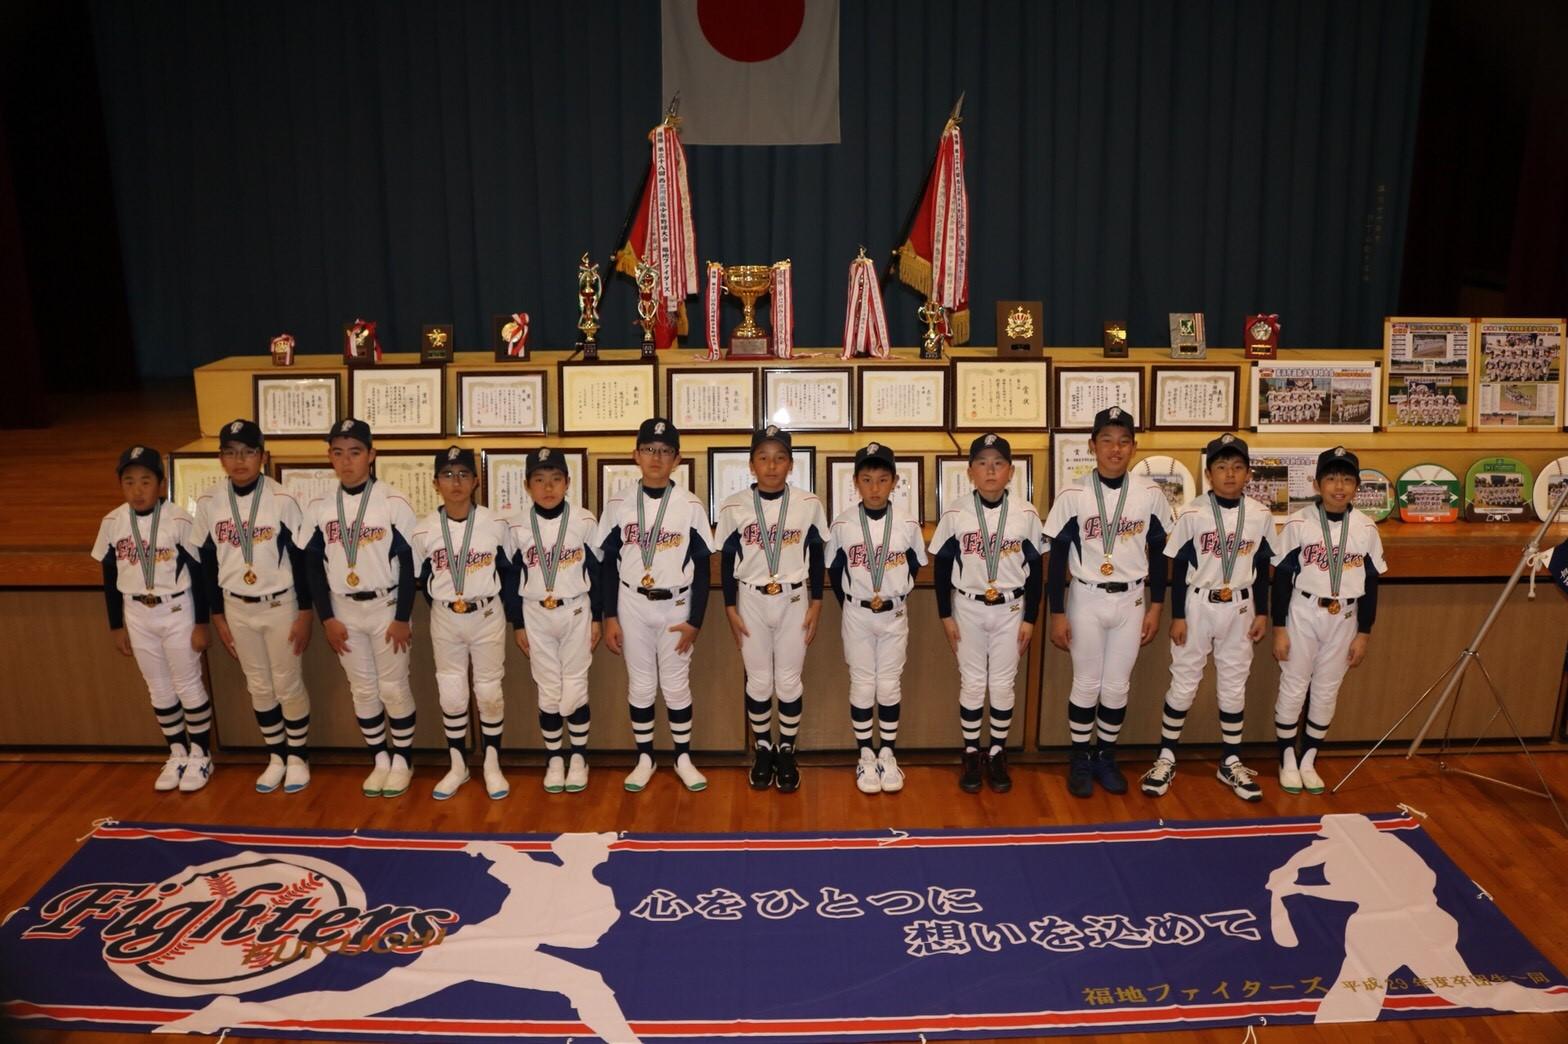 28期生卒団式